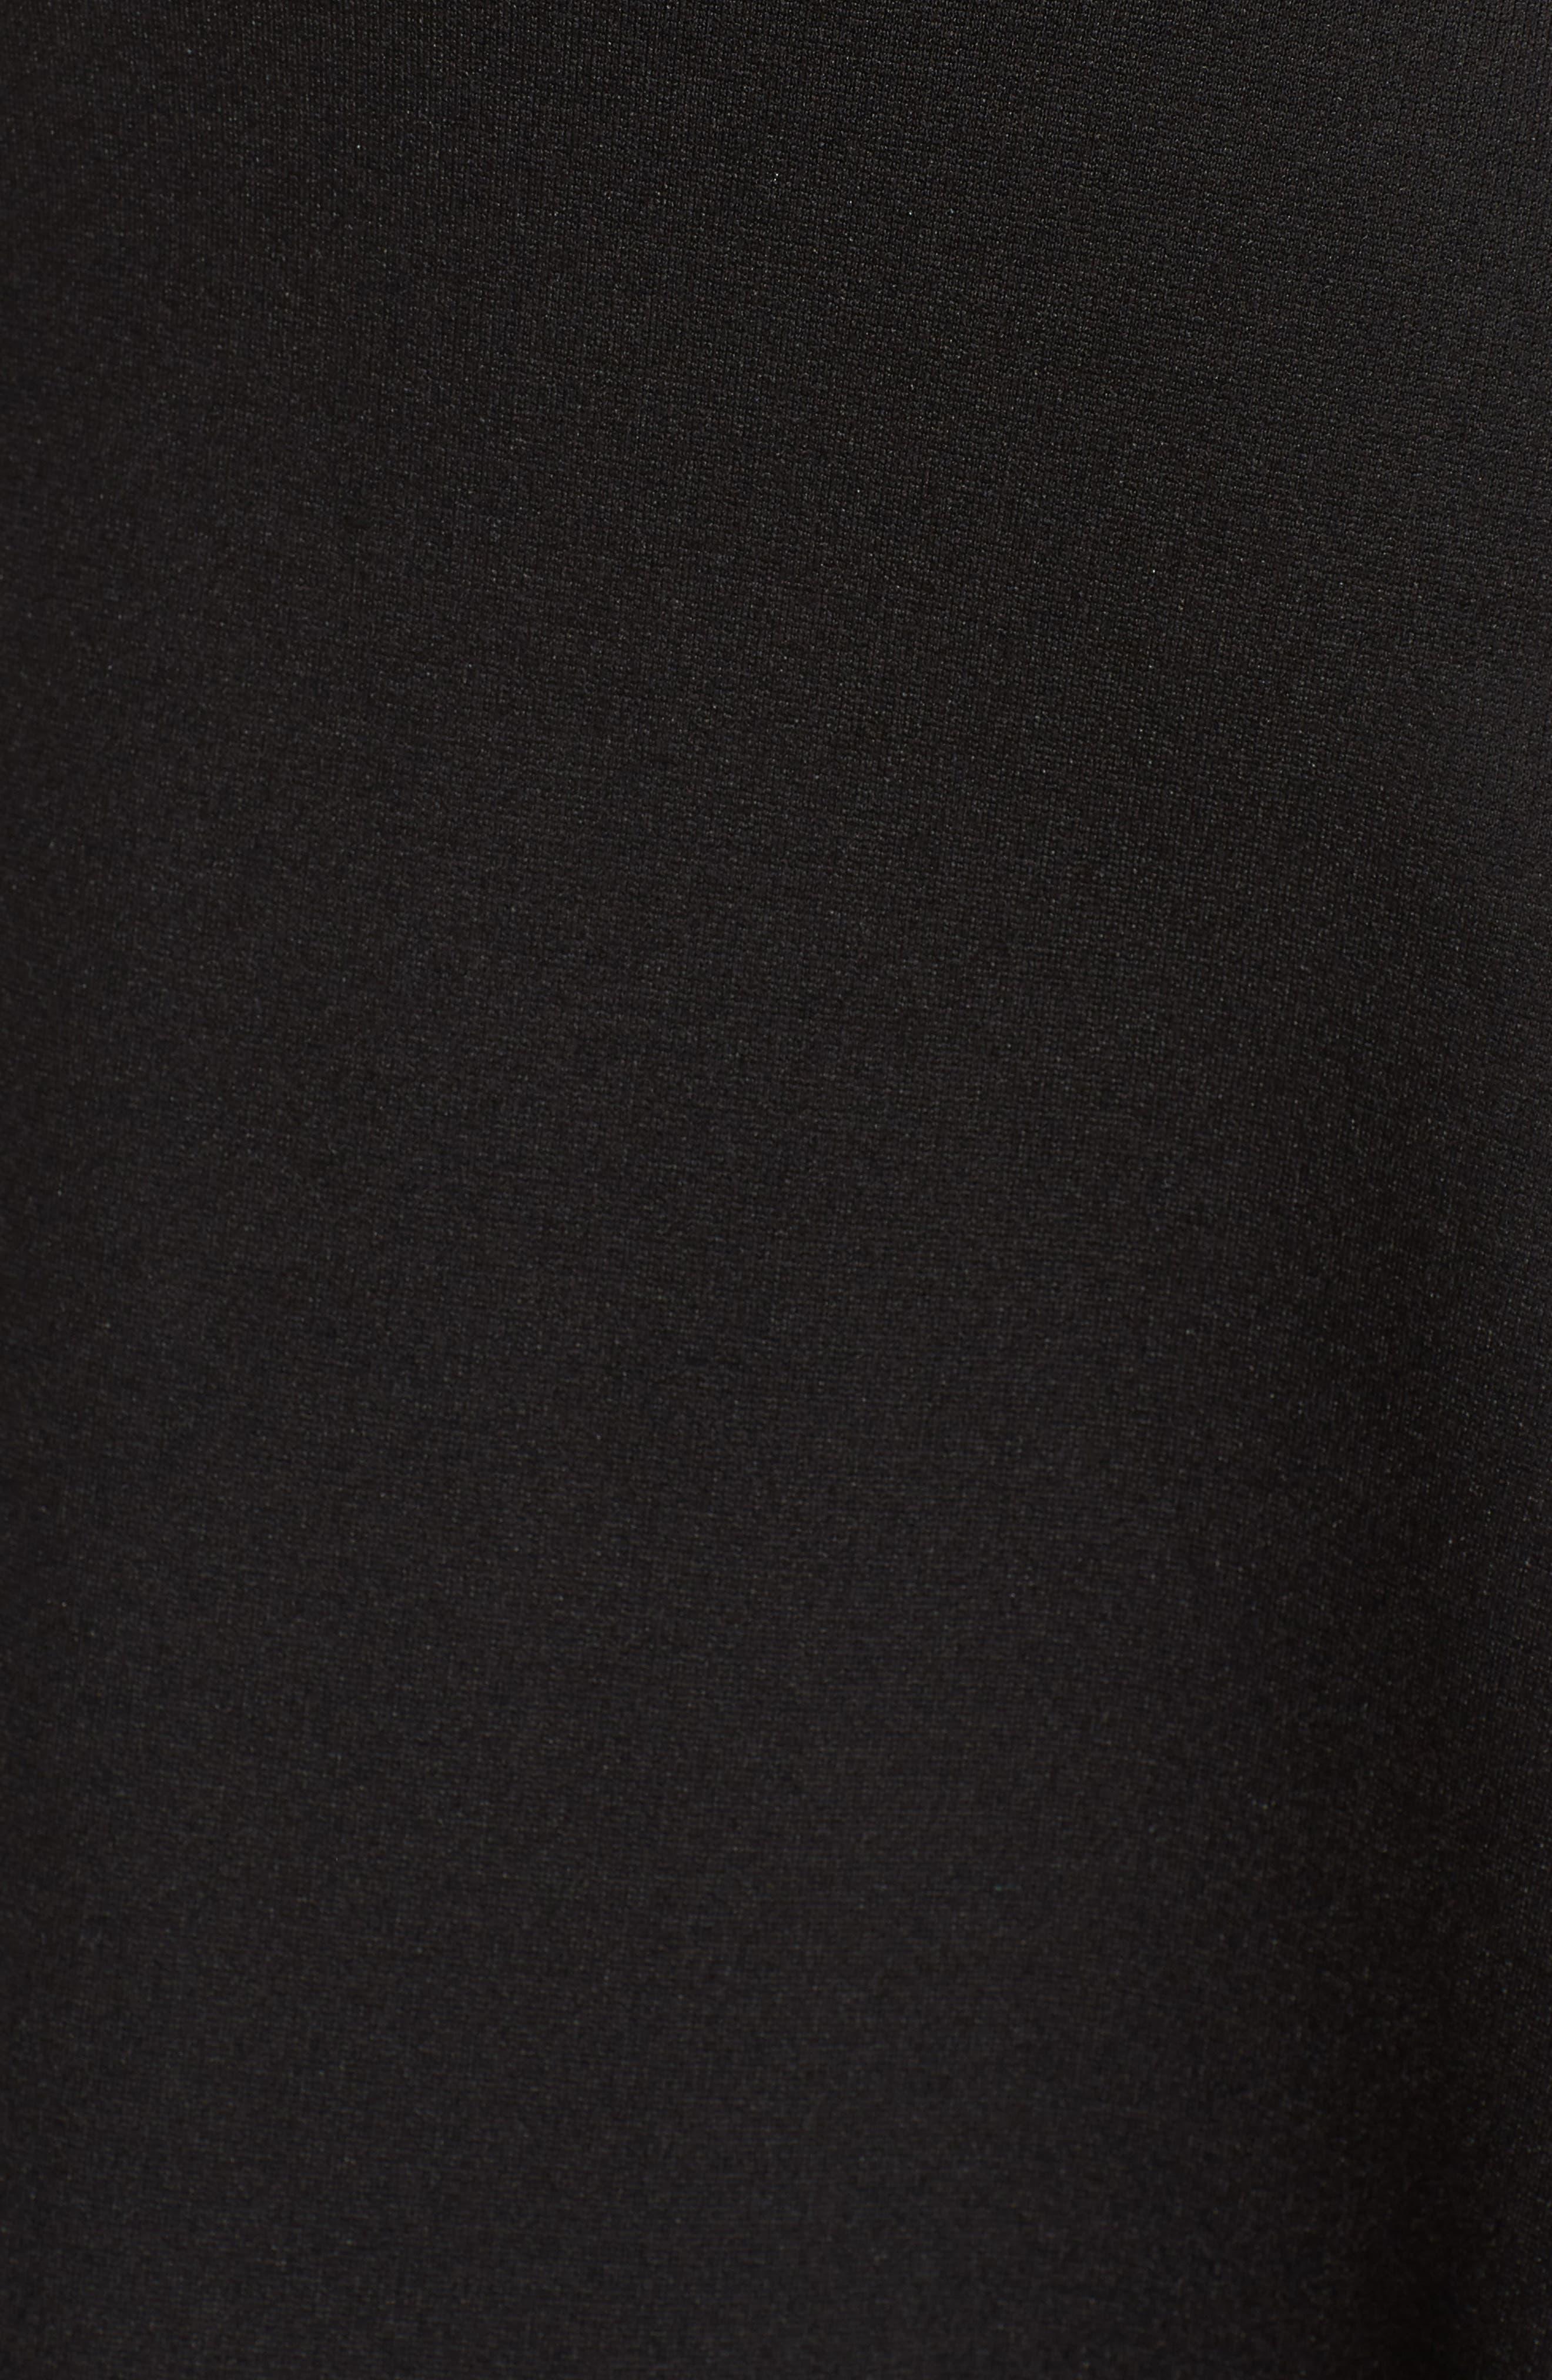 Backless Skater Dress,                             Alternate thumbnail 6, color,                             Black